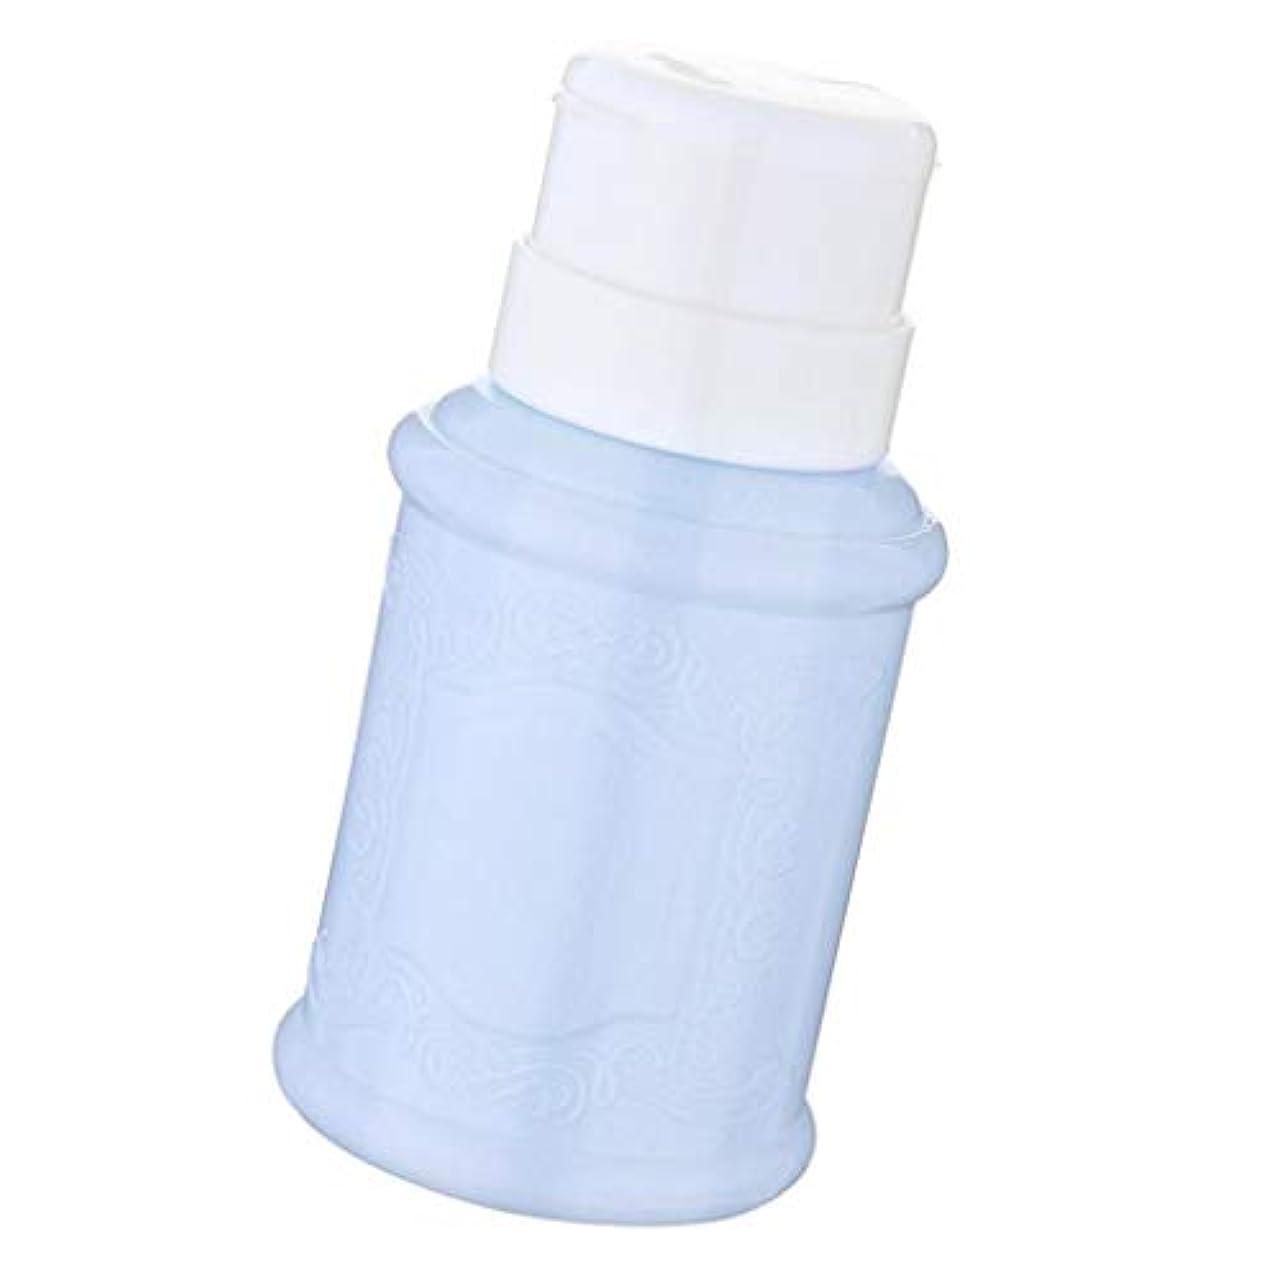 協力する安いですディベートDYNWAVE ポンプディスペンサー ネイル リットル空ポンプ ネイルクリーナーボトル 全3色 - 青